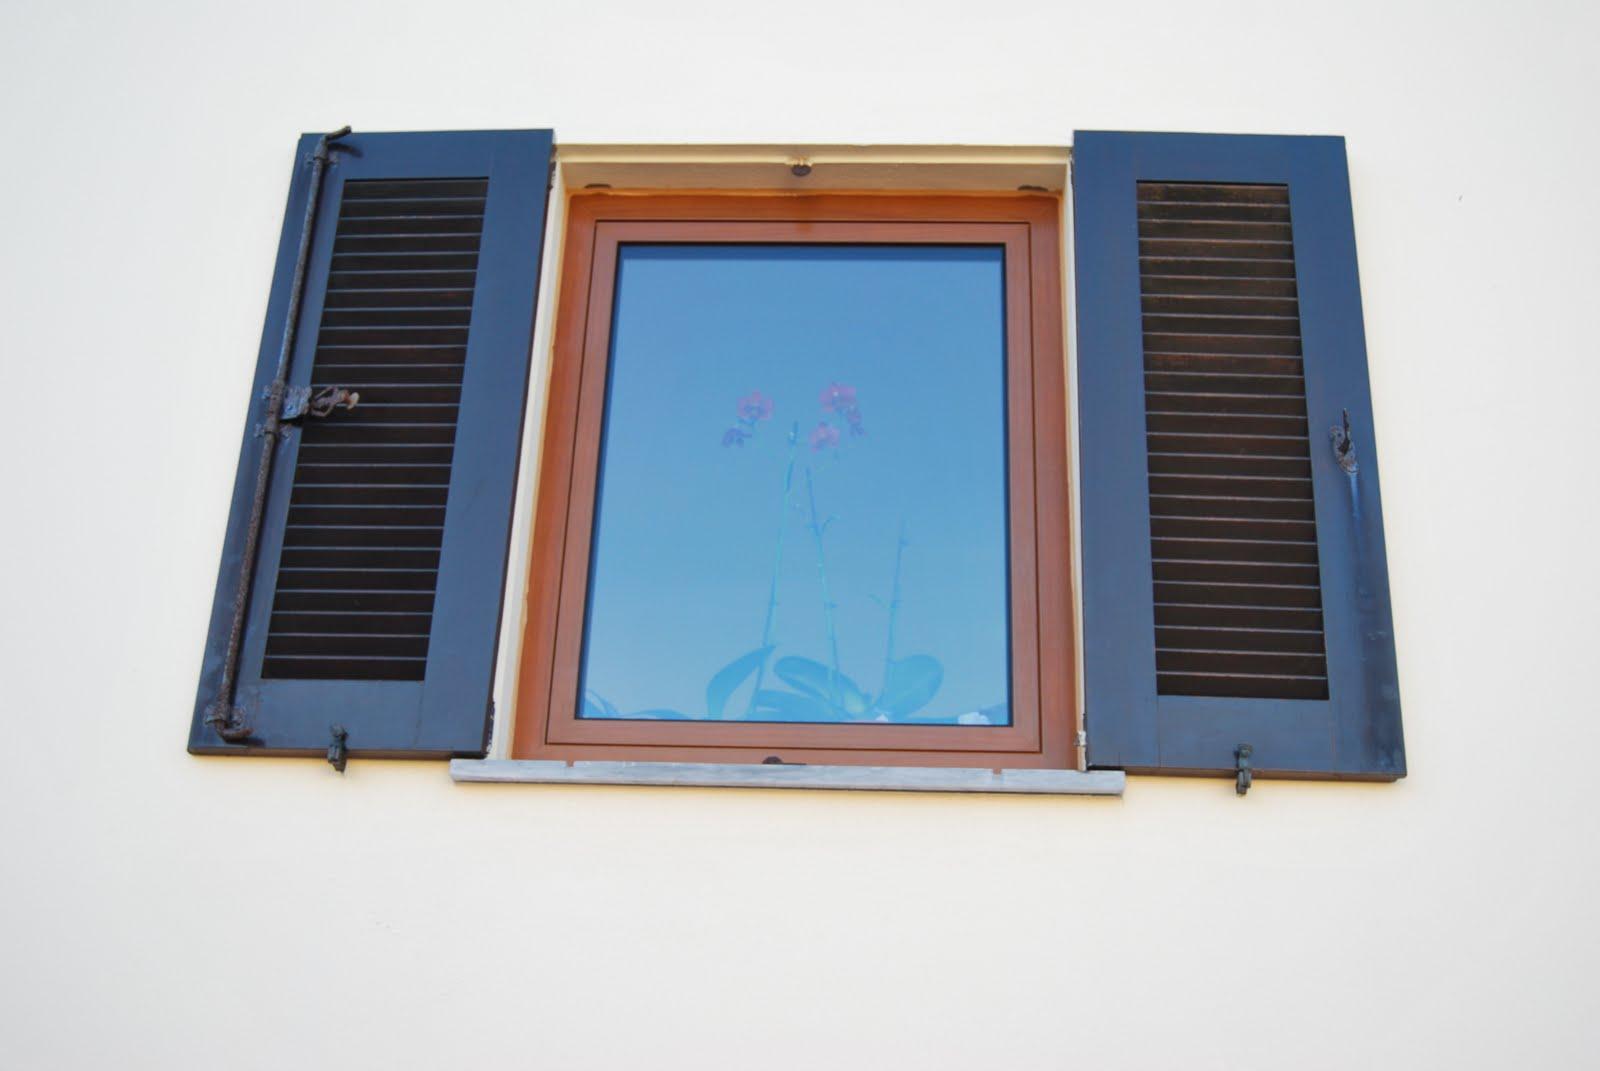 #346E97 casa com janelas: Substituição madeira por alumínio ruptura  728 Janelas Vidro Duplo Rio De Janeiro